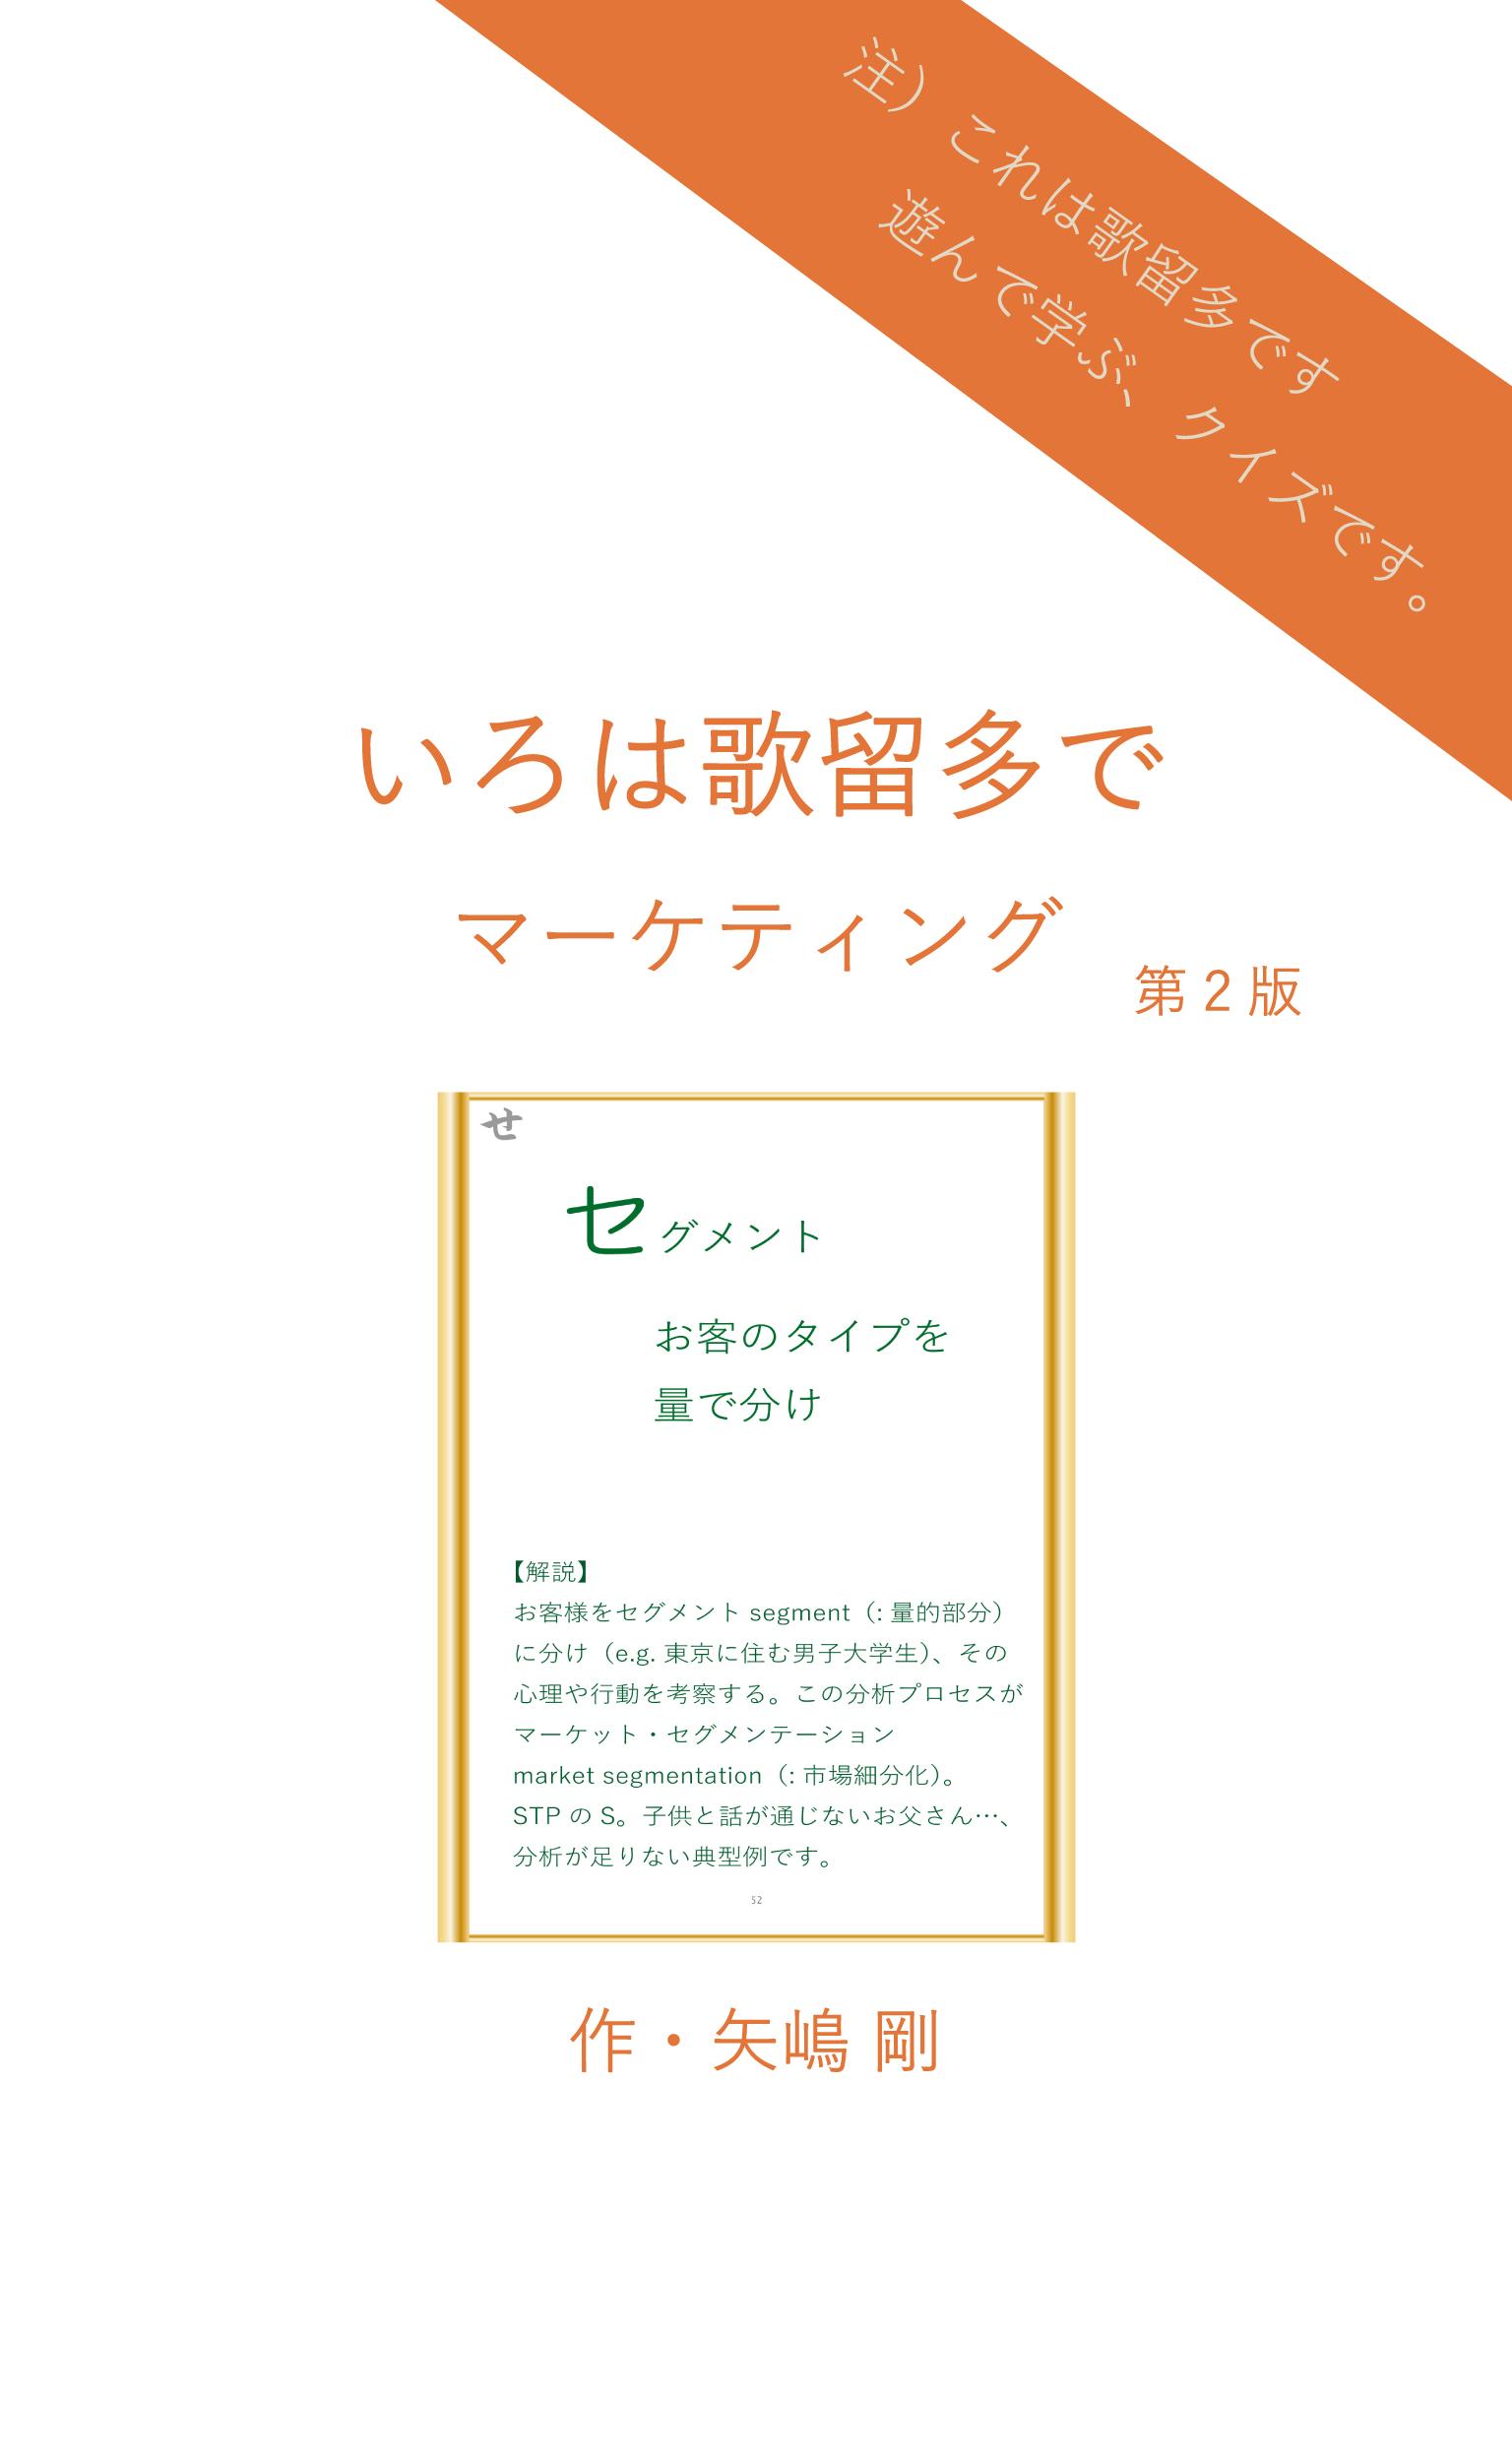 『いろは歌留多でマーケティング』著者・矢嶋剛。